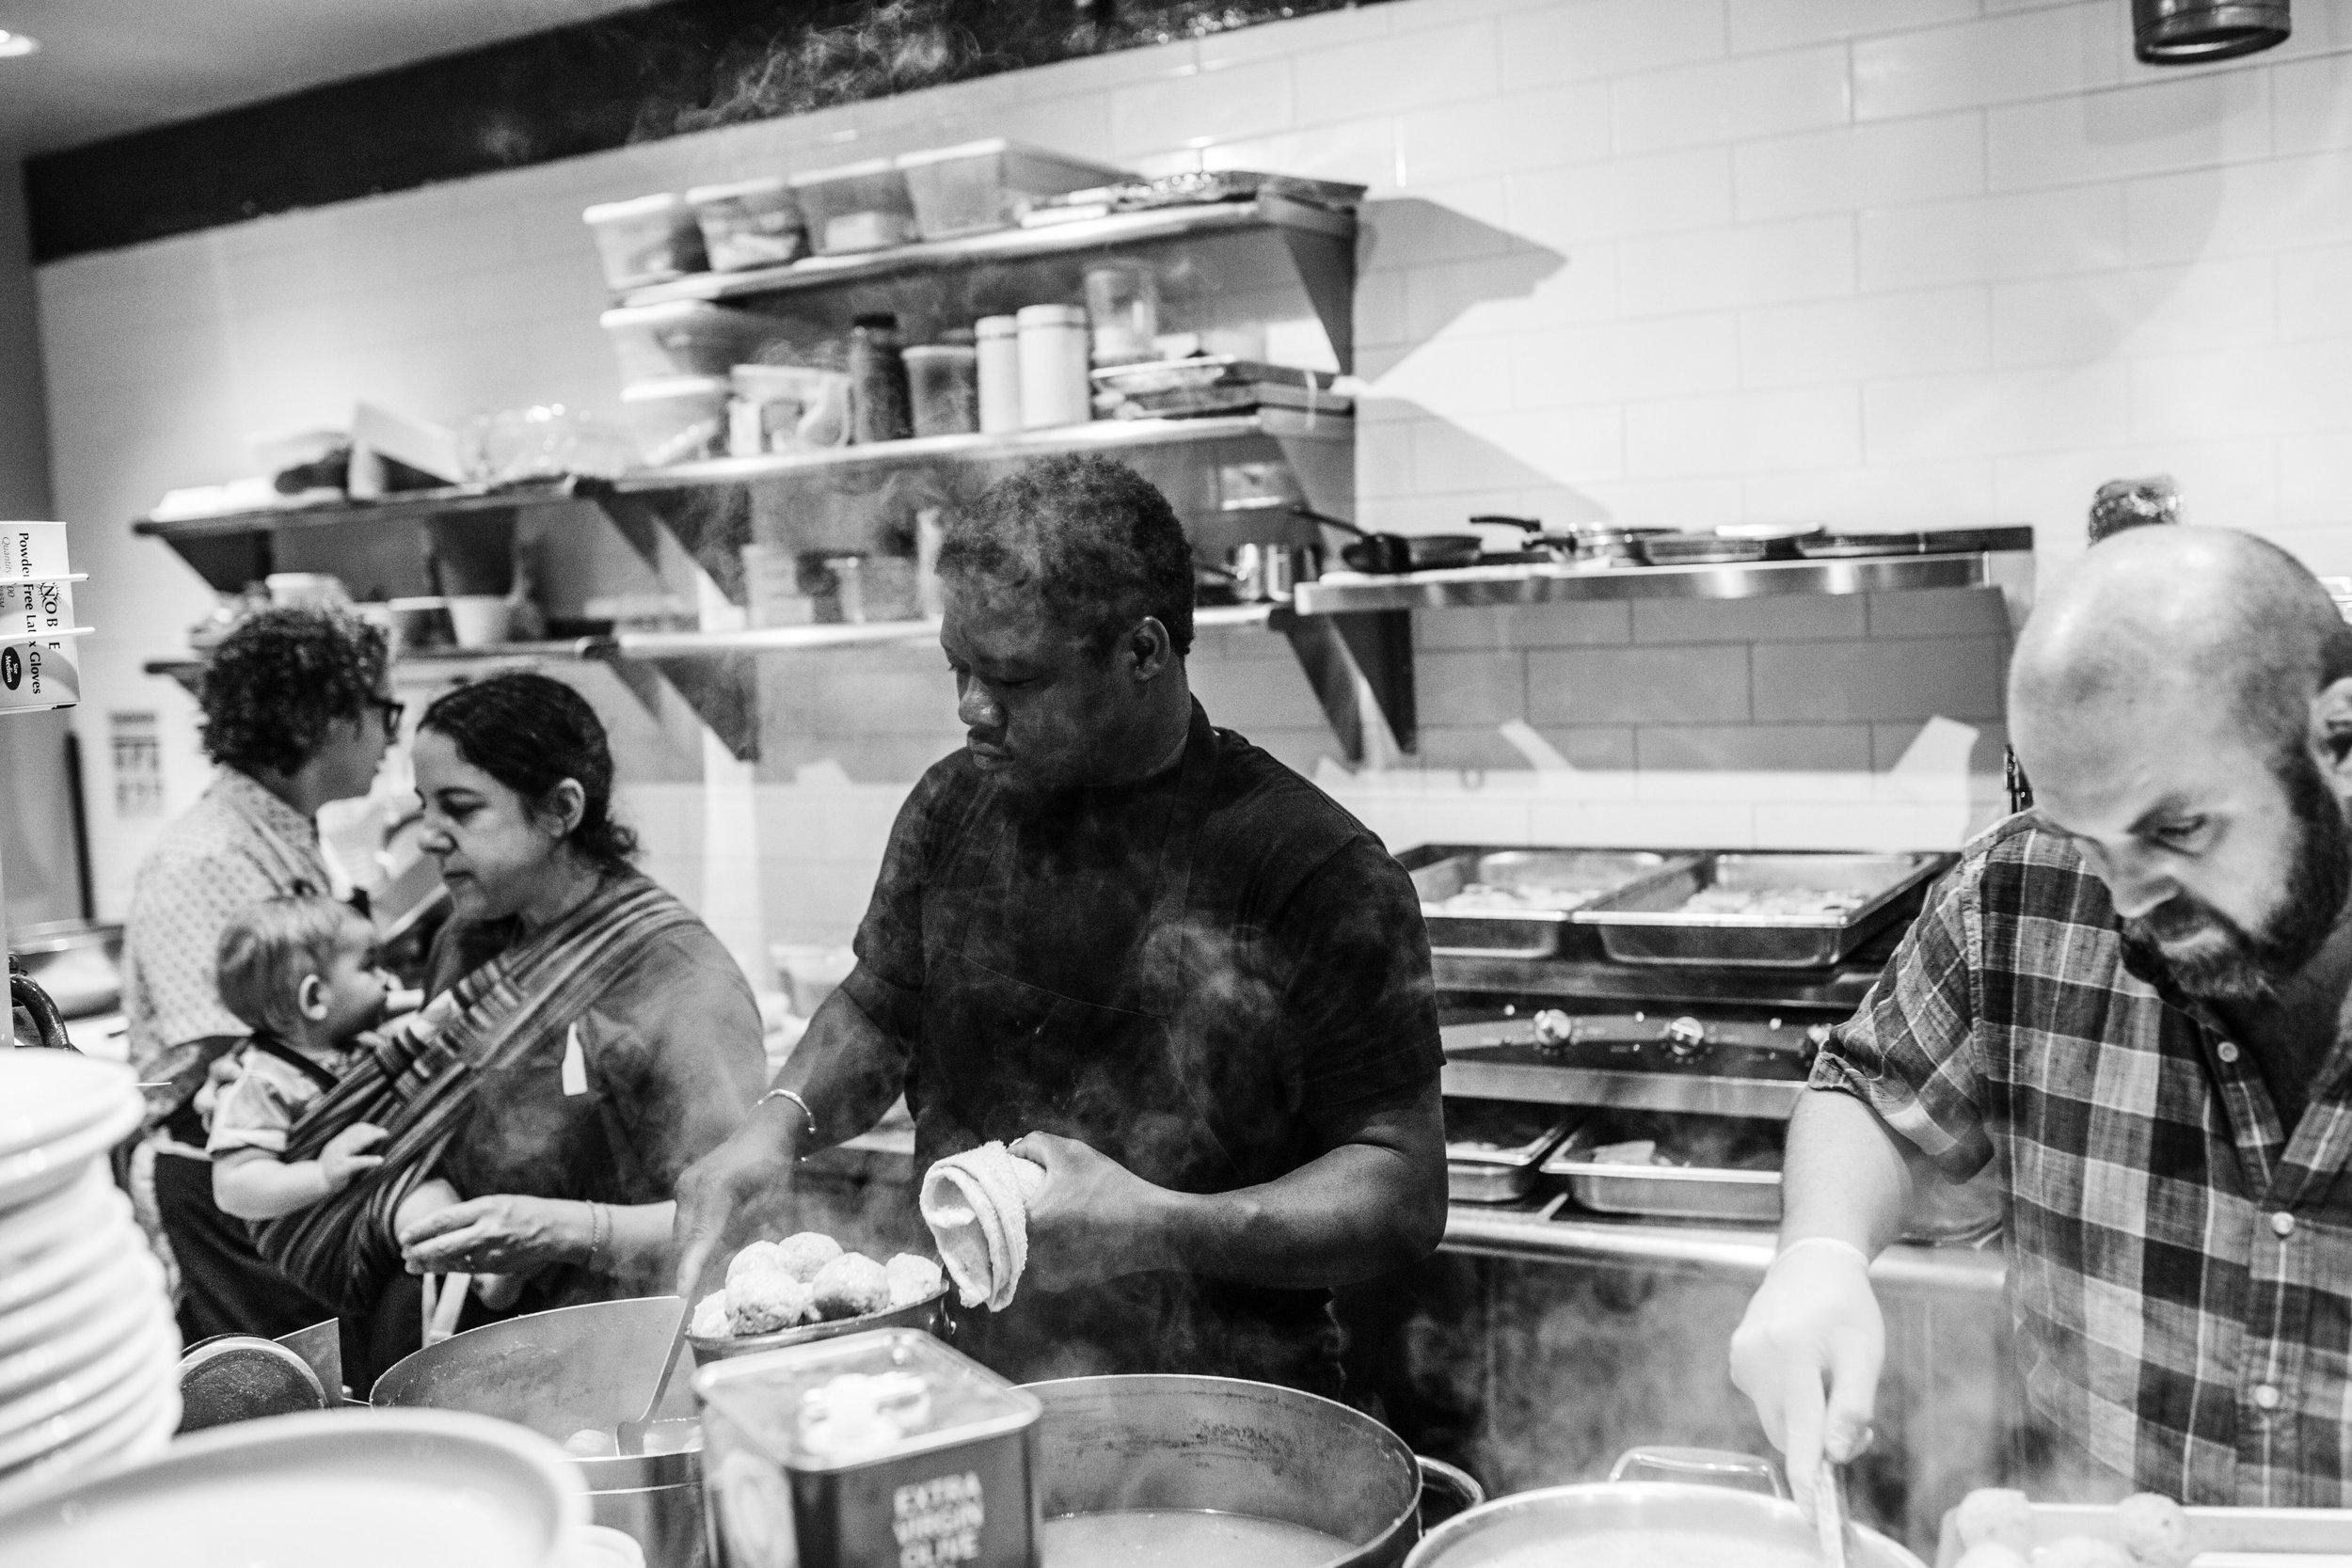 Fany Gerson (left) works tirelessly alongside her fellow chefs.